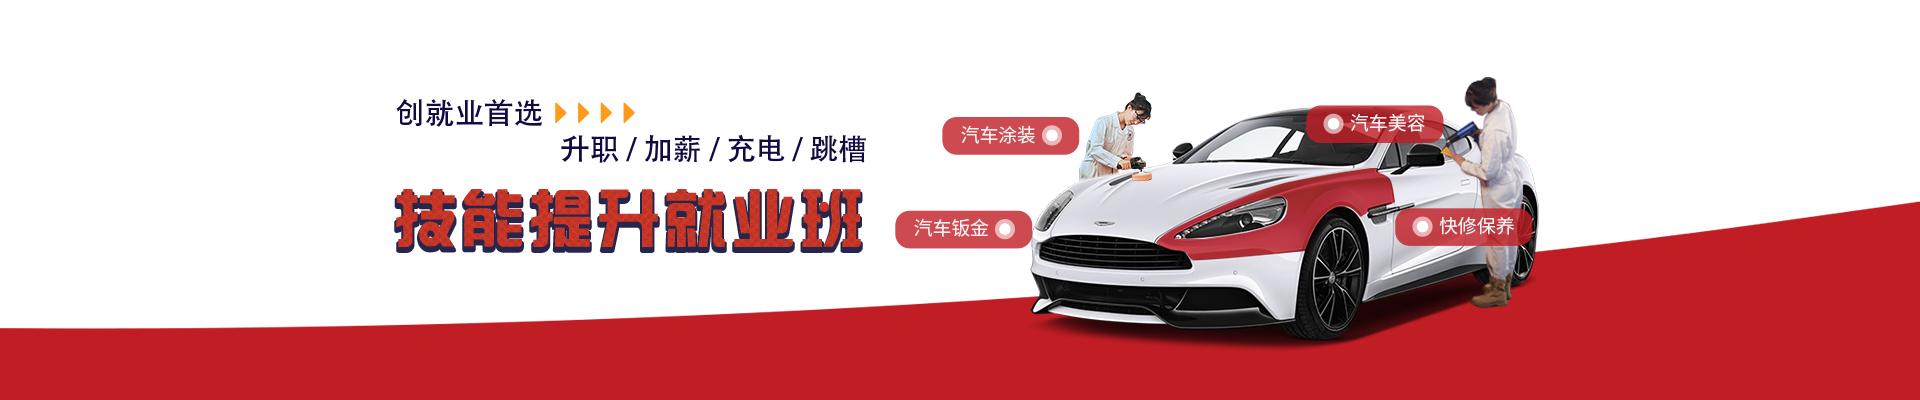 技能提升就业班-武汉万通汽修学校